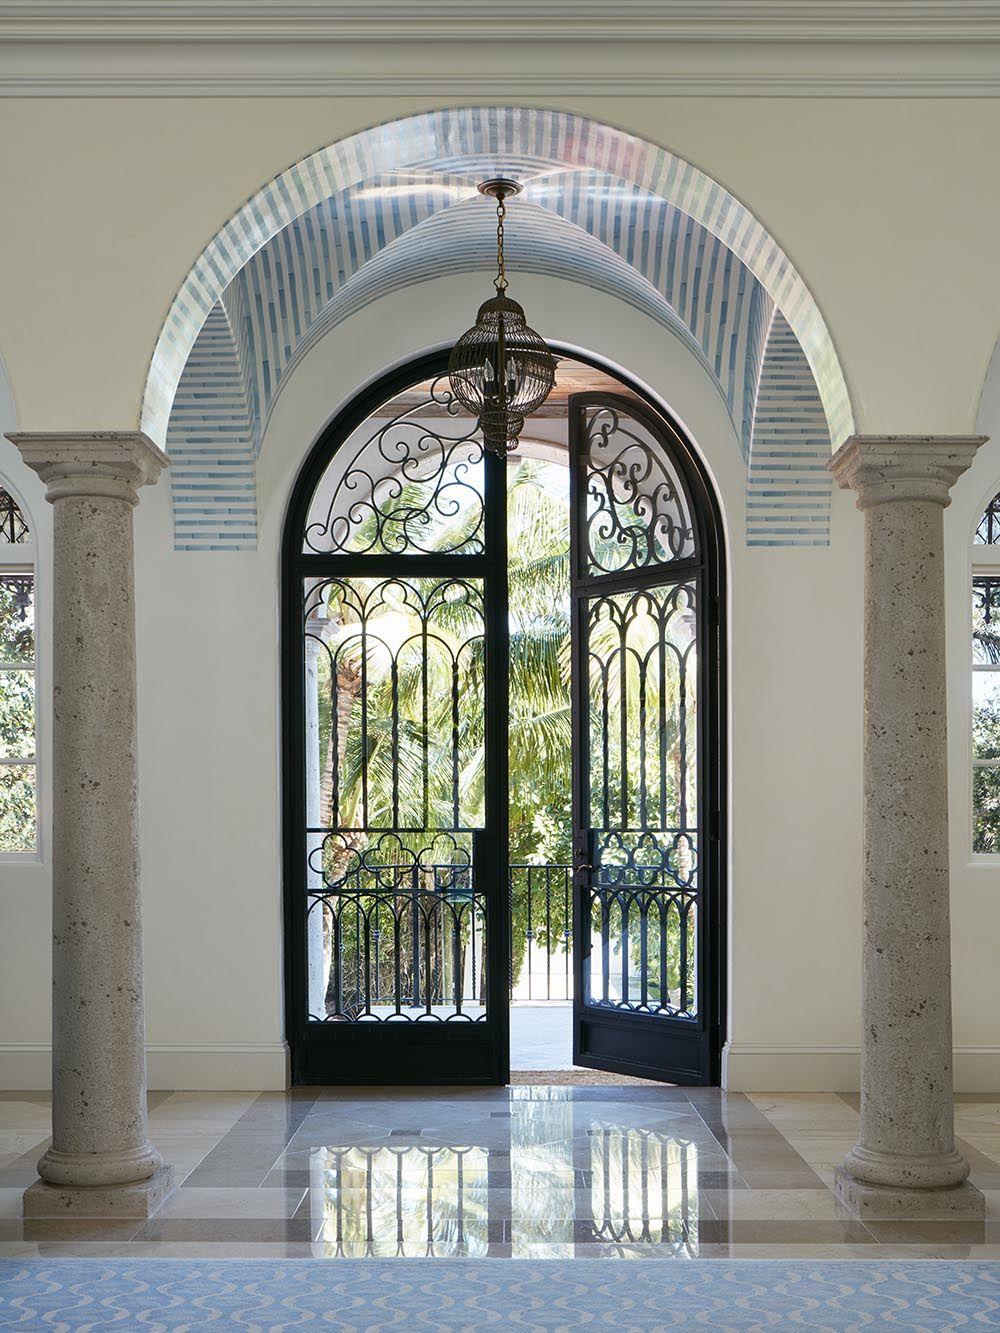 Doors Design: Grand Arched Double Front Door With Delicate Steel Work